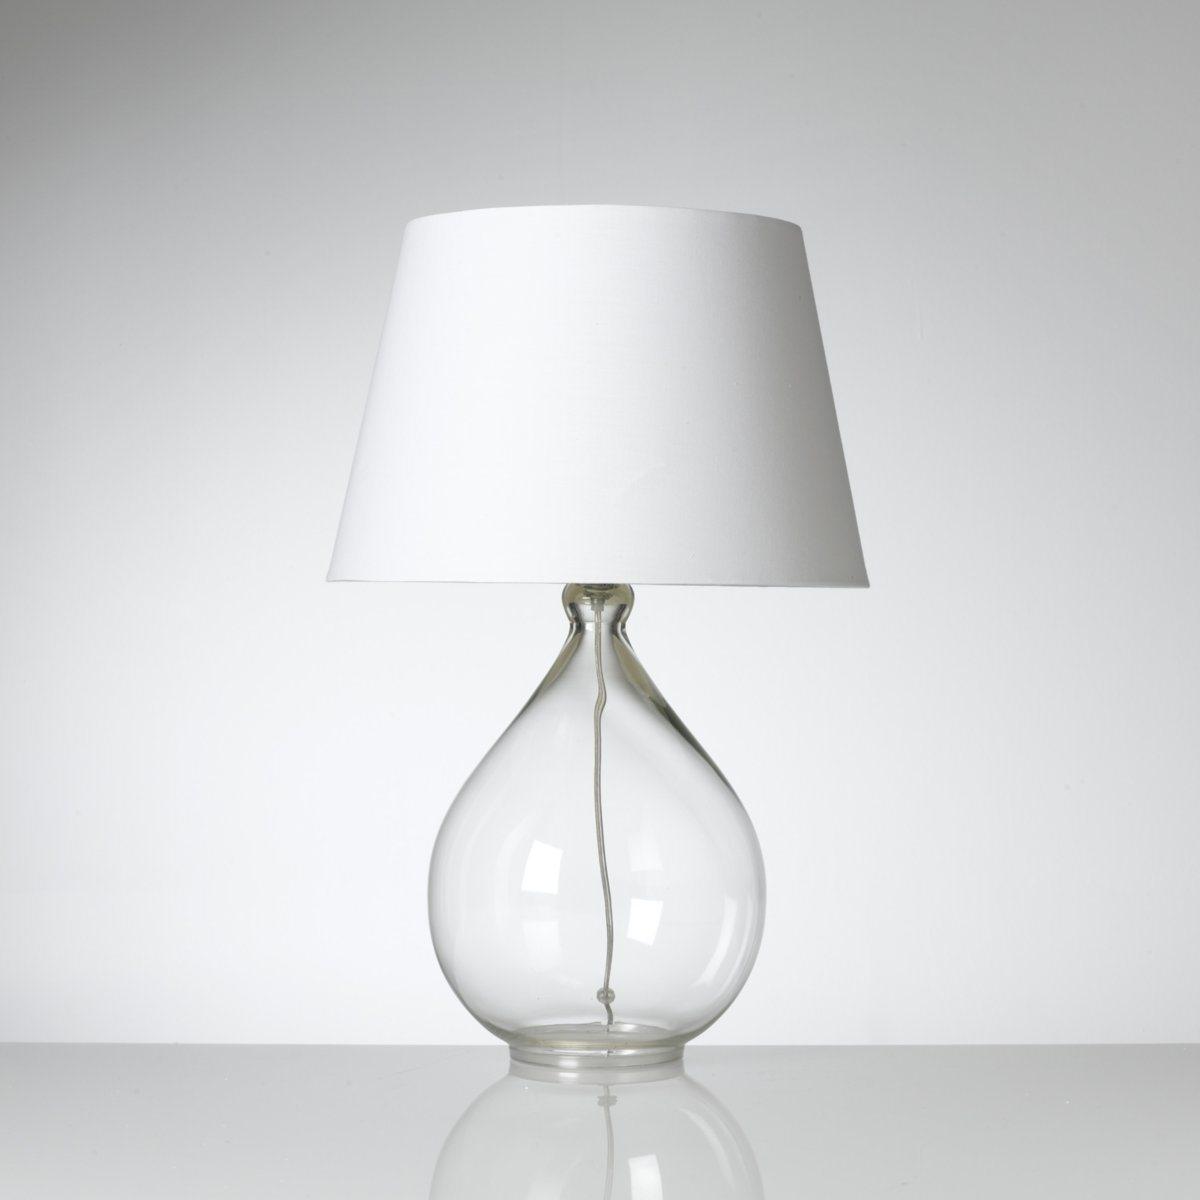 Лампа настольная, IzzaЛампа настольная Izza  : Оригинальная и элегантная прозрачная ножка целиком из стекла, в котором проложен электрический кабель тоже прозрачного цвета ! Описание лампы Izza : Прозрачная ножка Прозрачный электрический шнур Патрон E14 для лампочки макс. 40W   . (не входит в комплект)  Этот светильник совместим с лампочками    энергетического класса    : A-B-C-D-EХарактеристики лампы  Izza  : Ножка из стекла Абажур из хлопка Электрический кабель из пластика Всю коллекцию светильников вы можете найти на сайте laredoute..Размеры лампы Izza : Ножки :Диаметр : 25,5 смАбажур:Диаметр внизу : 35 смДиаметр верха  : 25,5 см, Высота : 23 смОбщие размеры :Ширина : 35 смВысота : 53,5 смГлубина : 35 см<br><br>Цвет: прозрачный